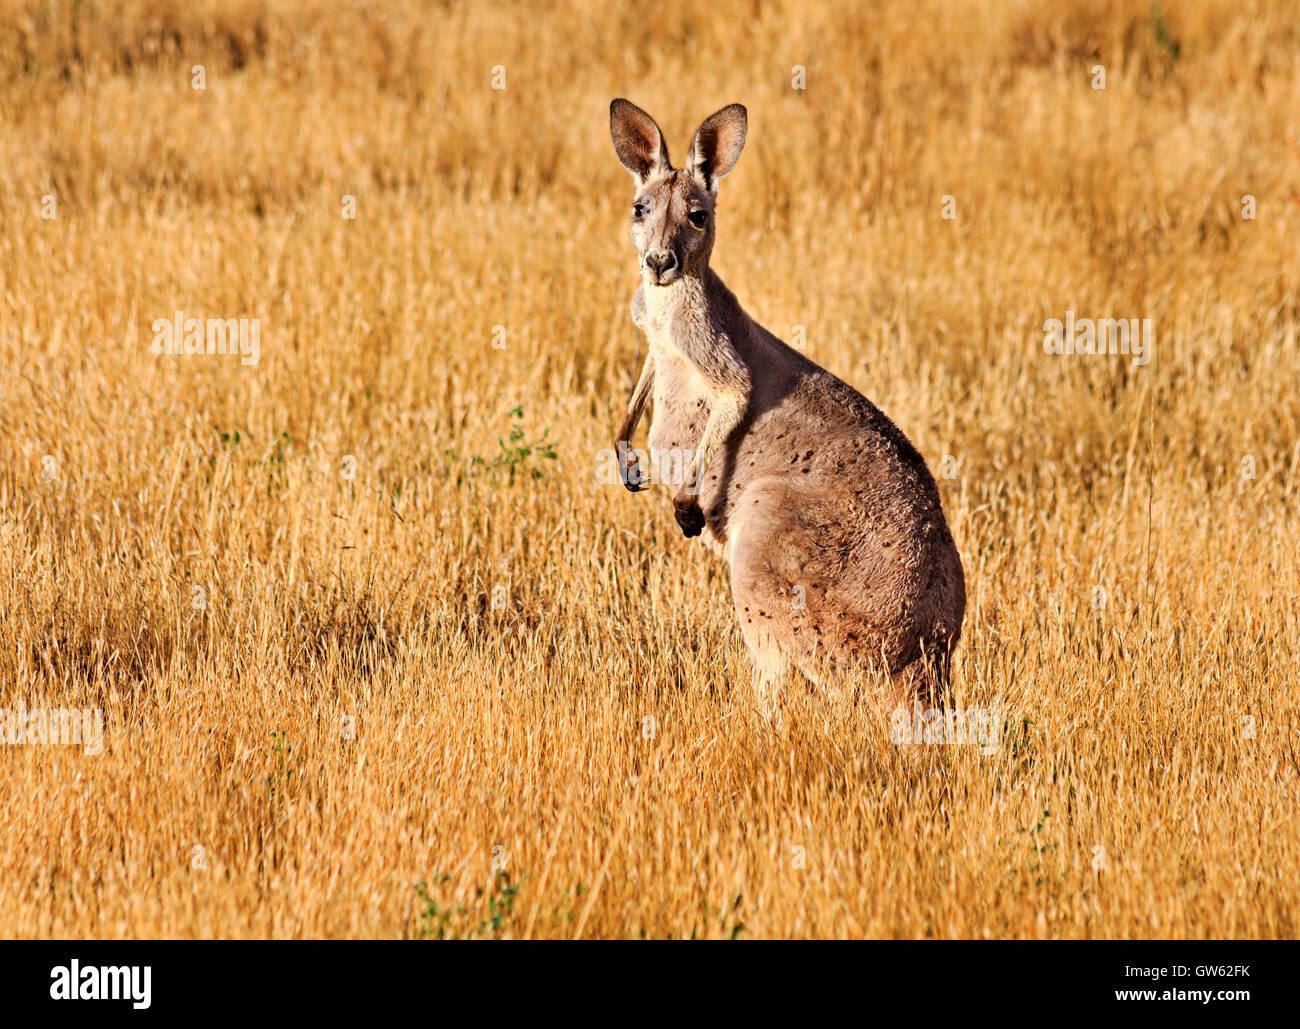 De haut standing kangourou brun au milieu d'herbe jaune outback plaine de l'Australie du Sud Photo Stock